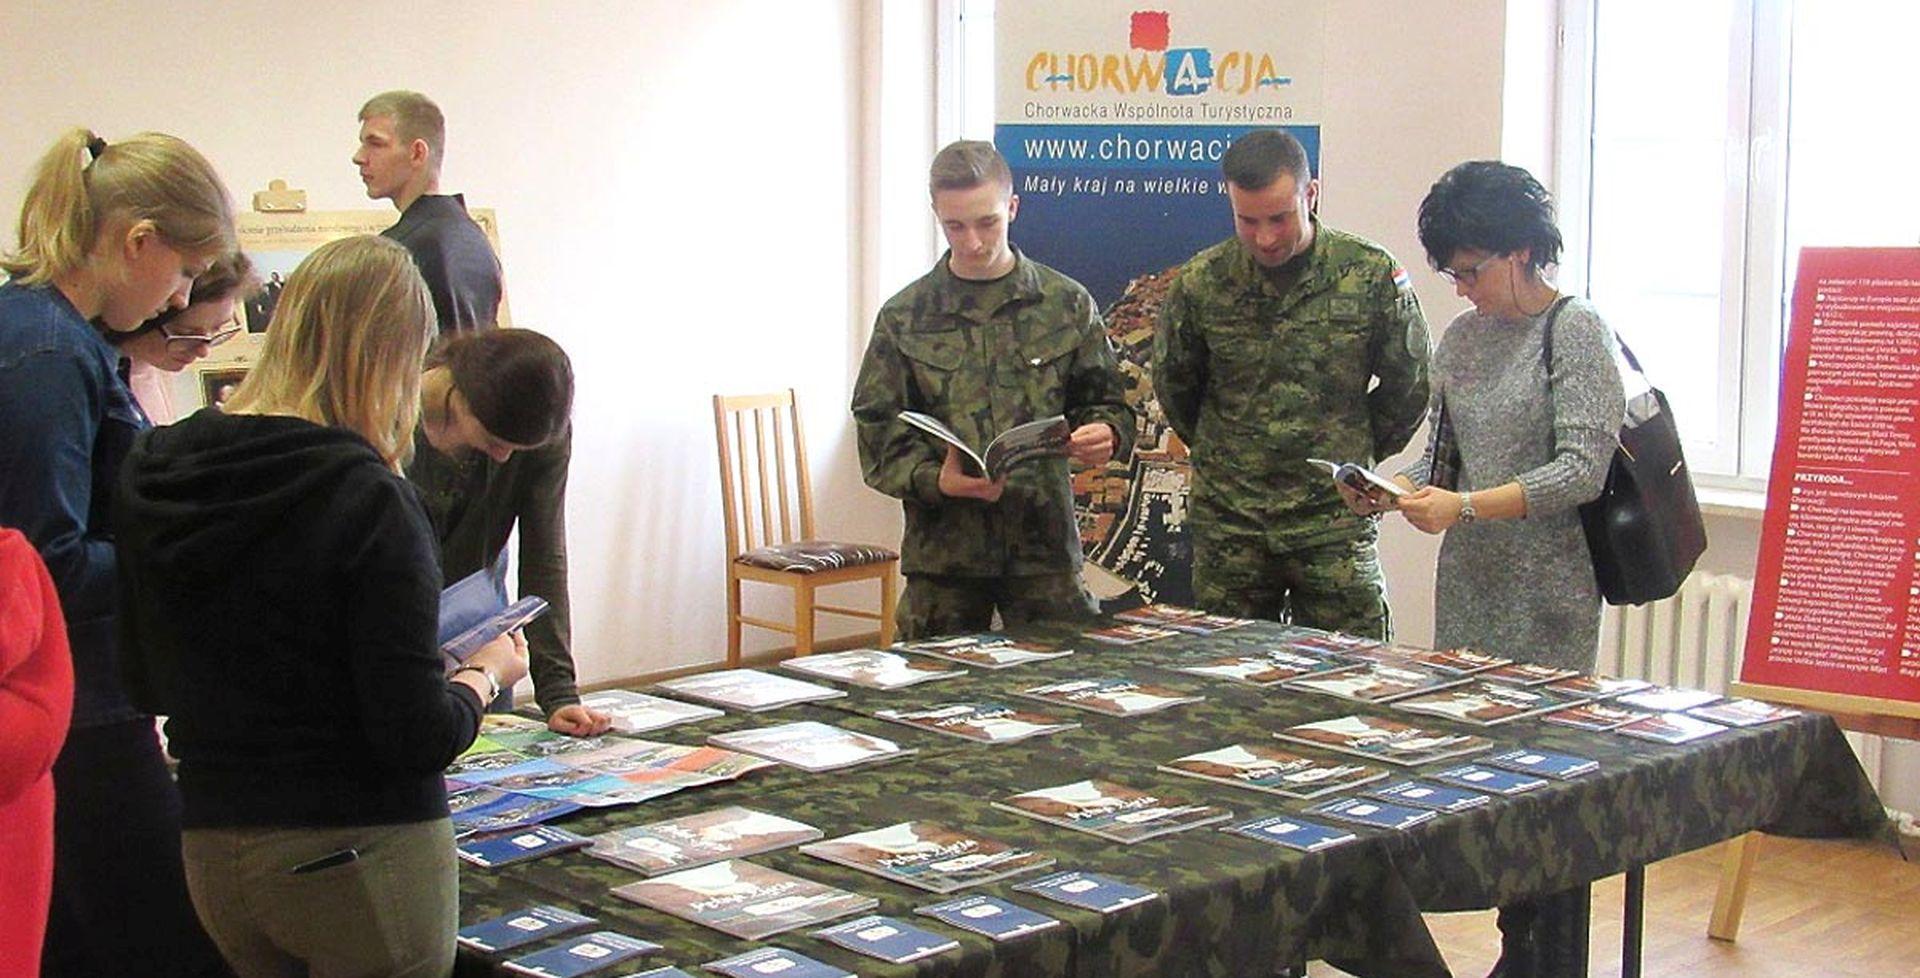 Hrvatski vojnici u Poljskoj sudjelovali u Tjednu hrvatske kulture